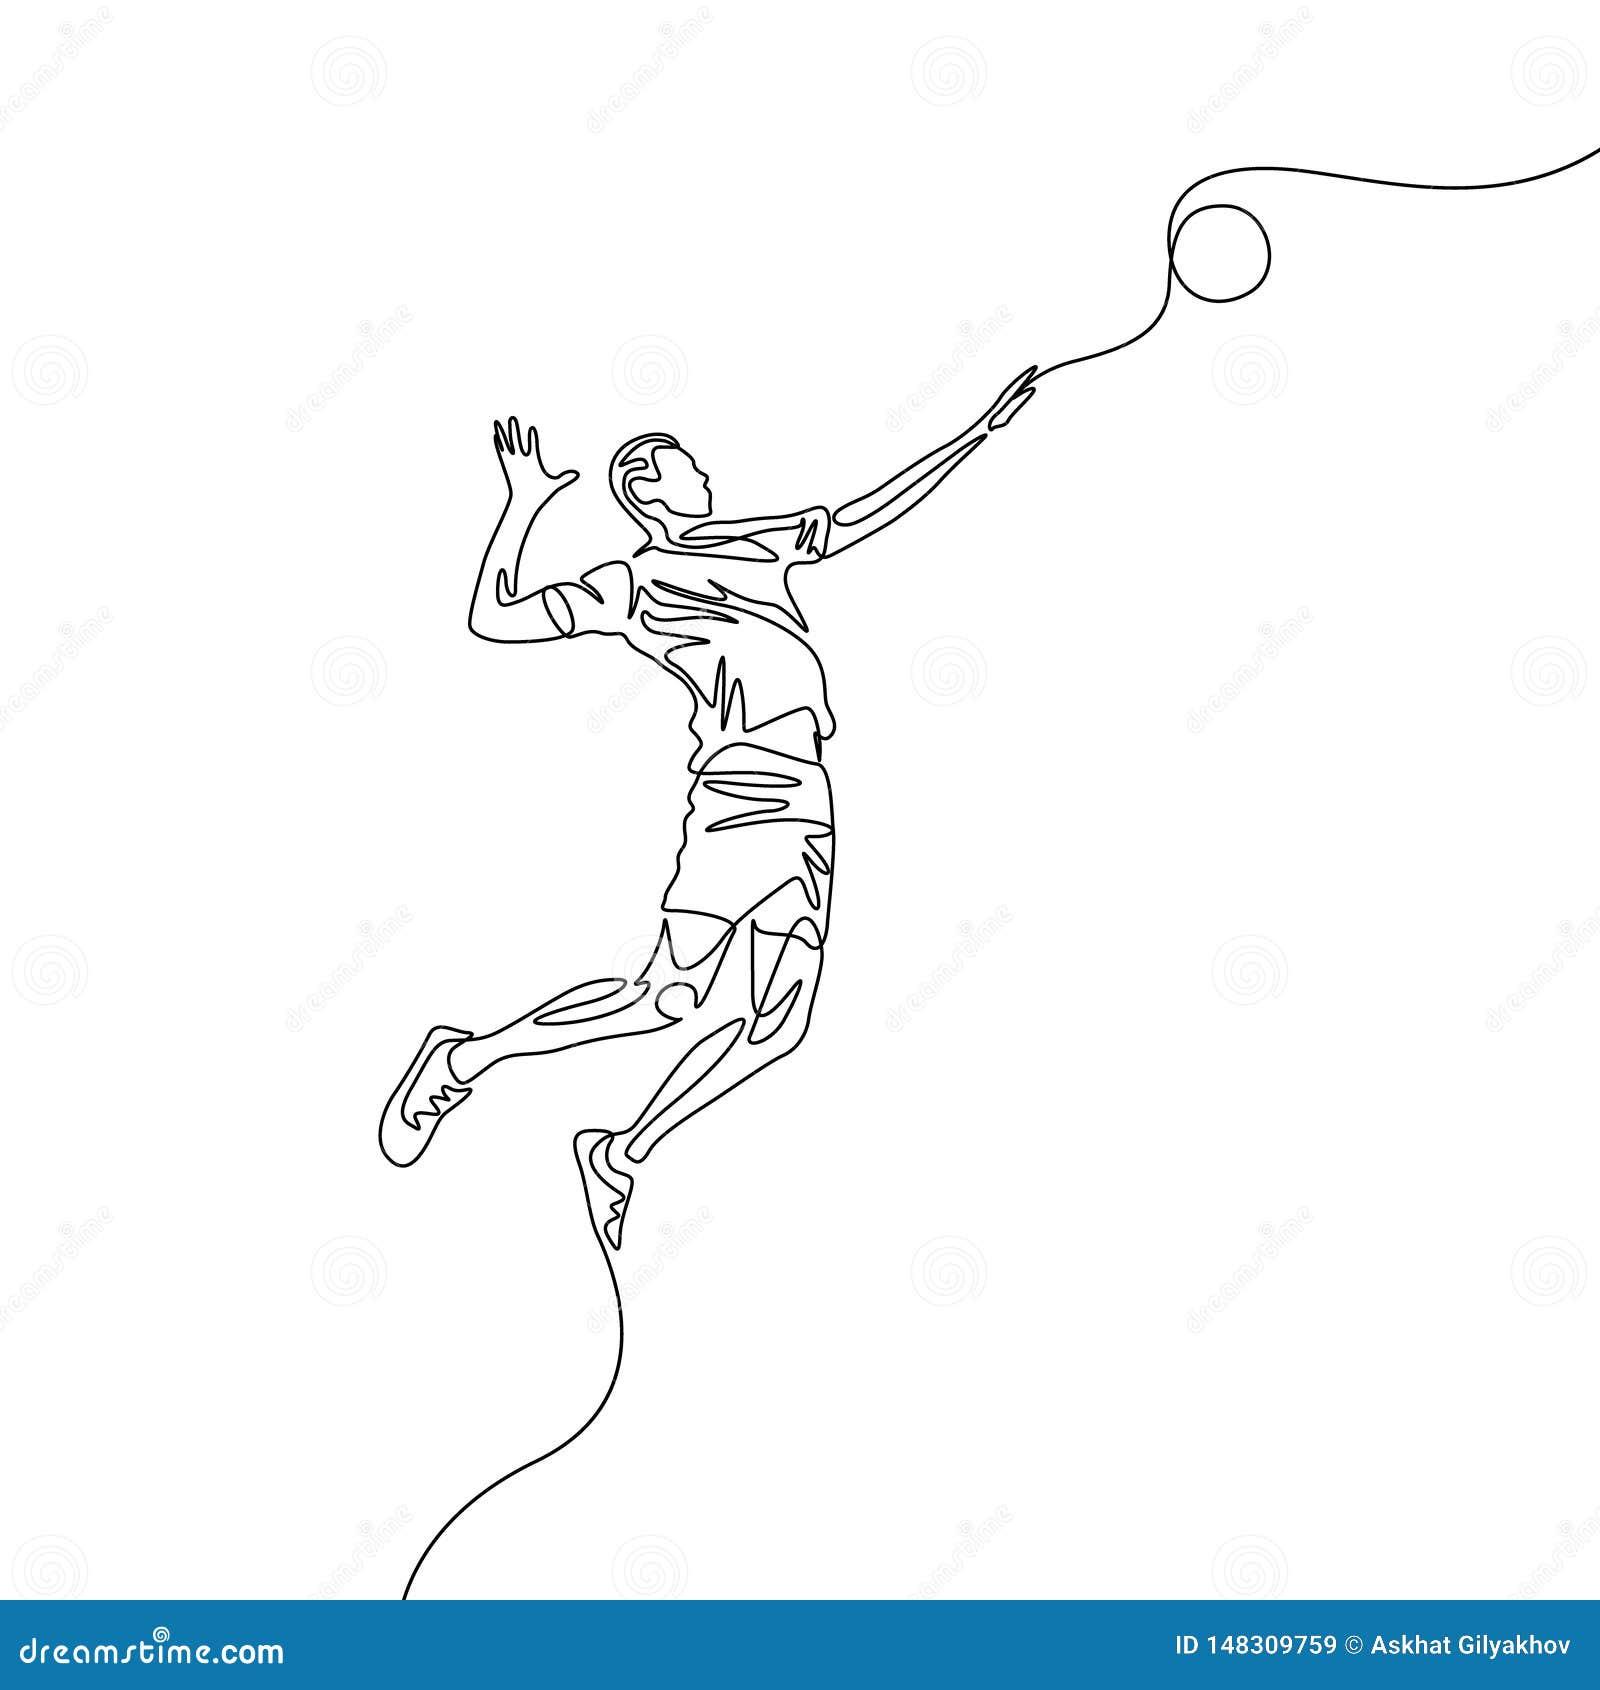 La una línea continua jugador de voleibol salta para lanzar la bola